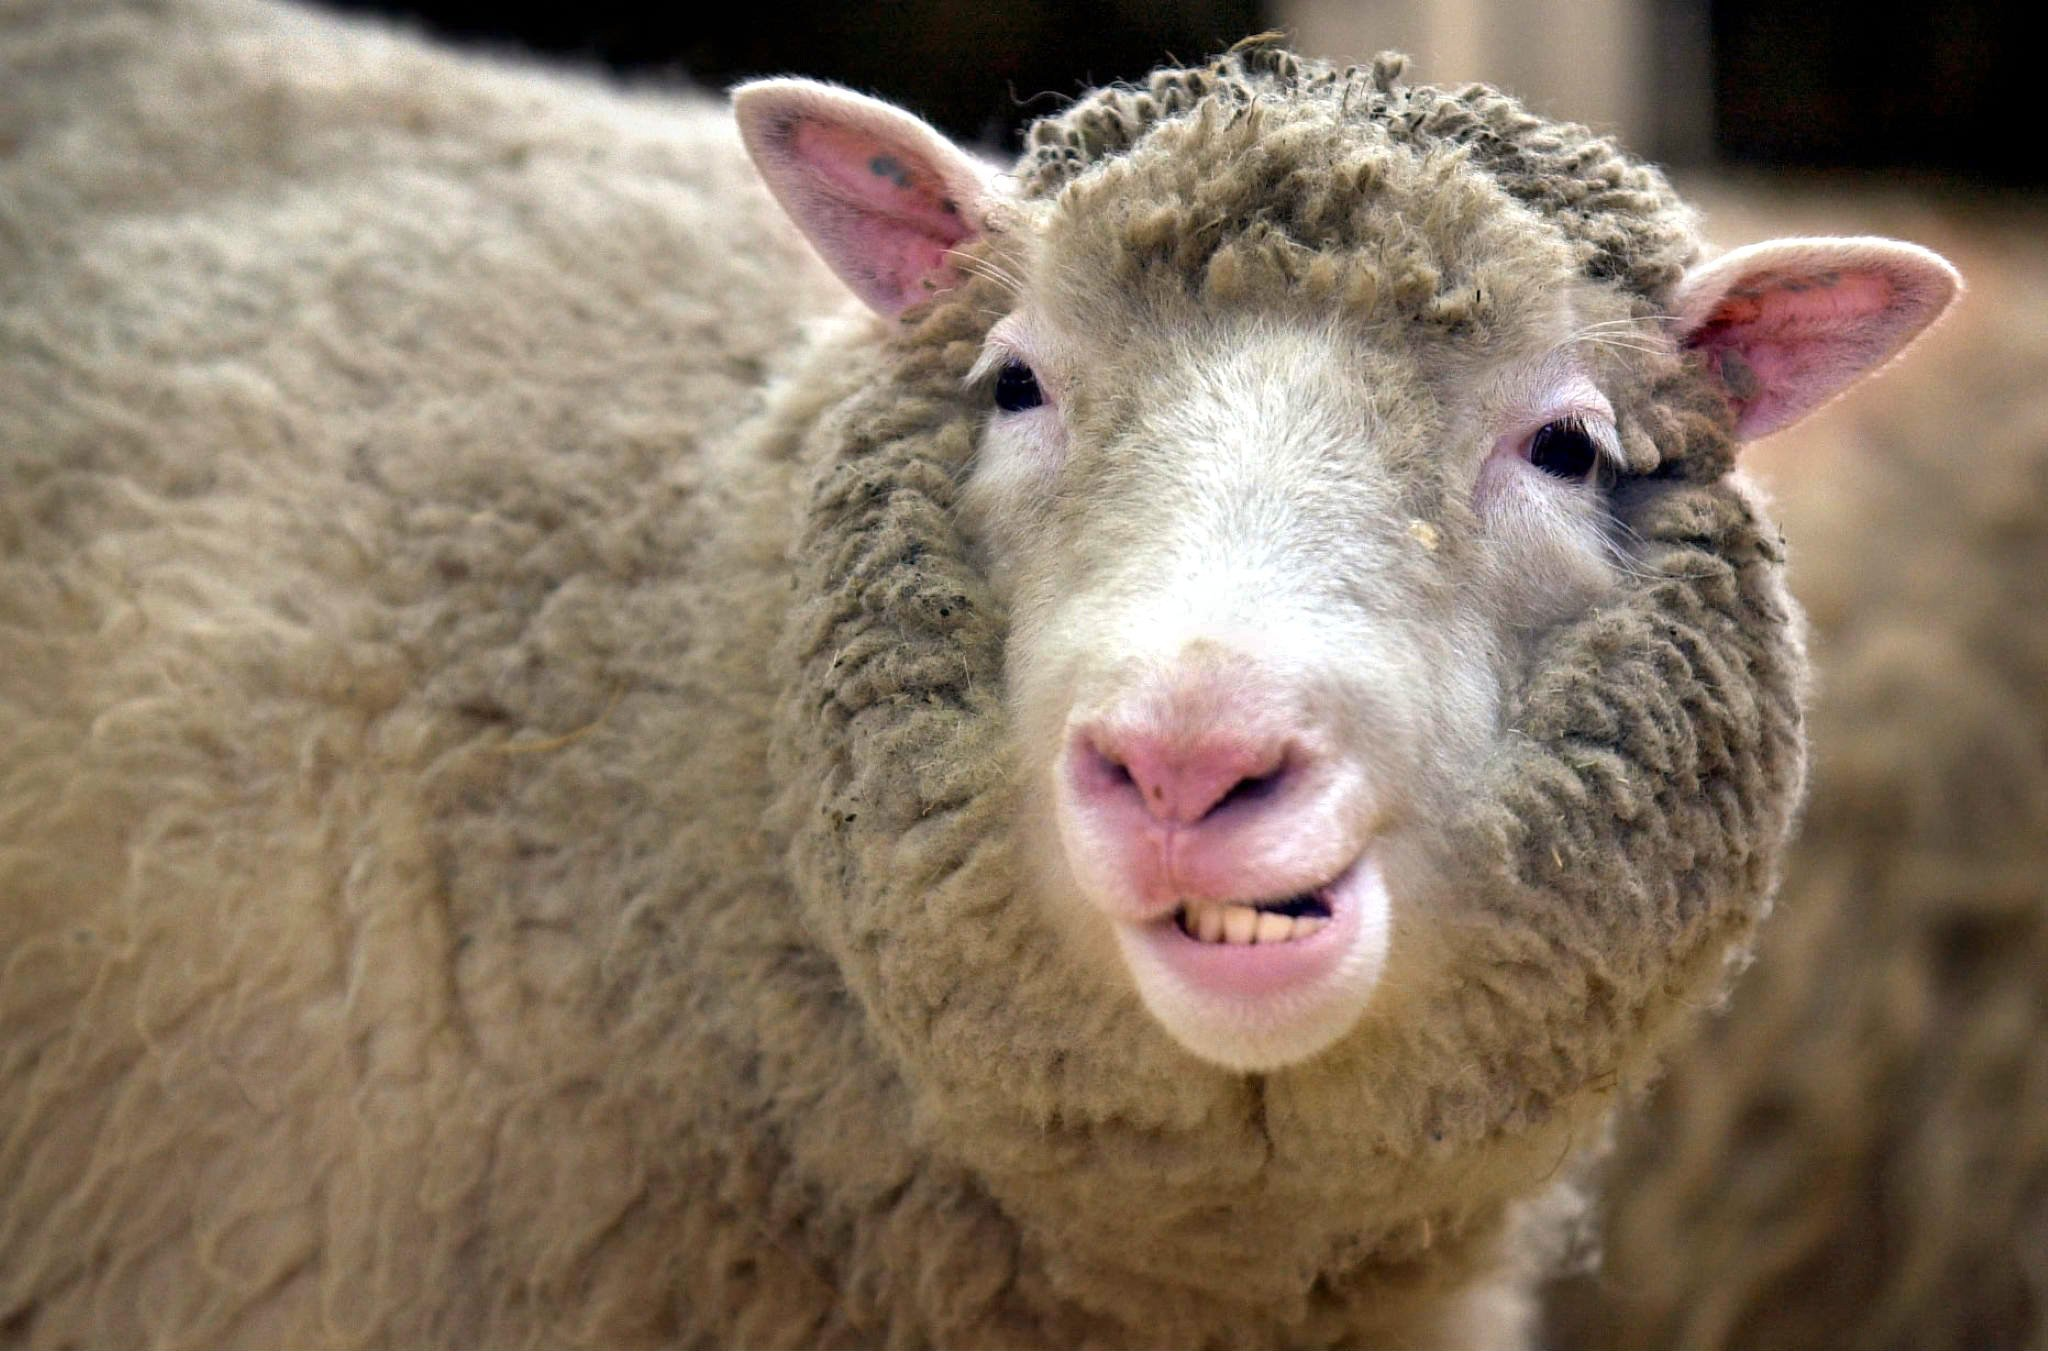 Klonschaf Dolly: Der 5. Juli 1996 gilt vielen Forschern als der Beginn des Klonzeitalters. An diesem Tag wurde in einem Stall in Schottland ein Schaf geboren, das in die Geschichtsbücher eingehen sollte: Dolly – der erste Klon eines erwachsenen Säugetiers. Doch Dolly kränkelte, hatte ein für Schafe relativ kurzes Leben und starb vor 13 Jahren am 14. Februar 2003. Heute steht das Schaf ausgestopft in einer Glasvitrine im Royal Museum in Edinburgh.